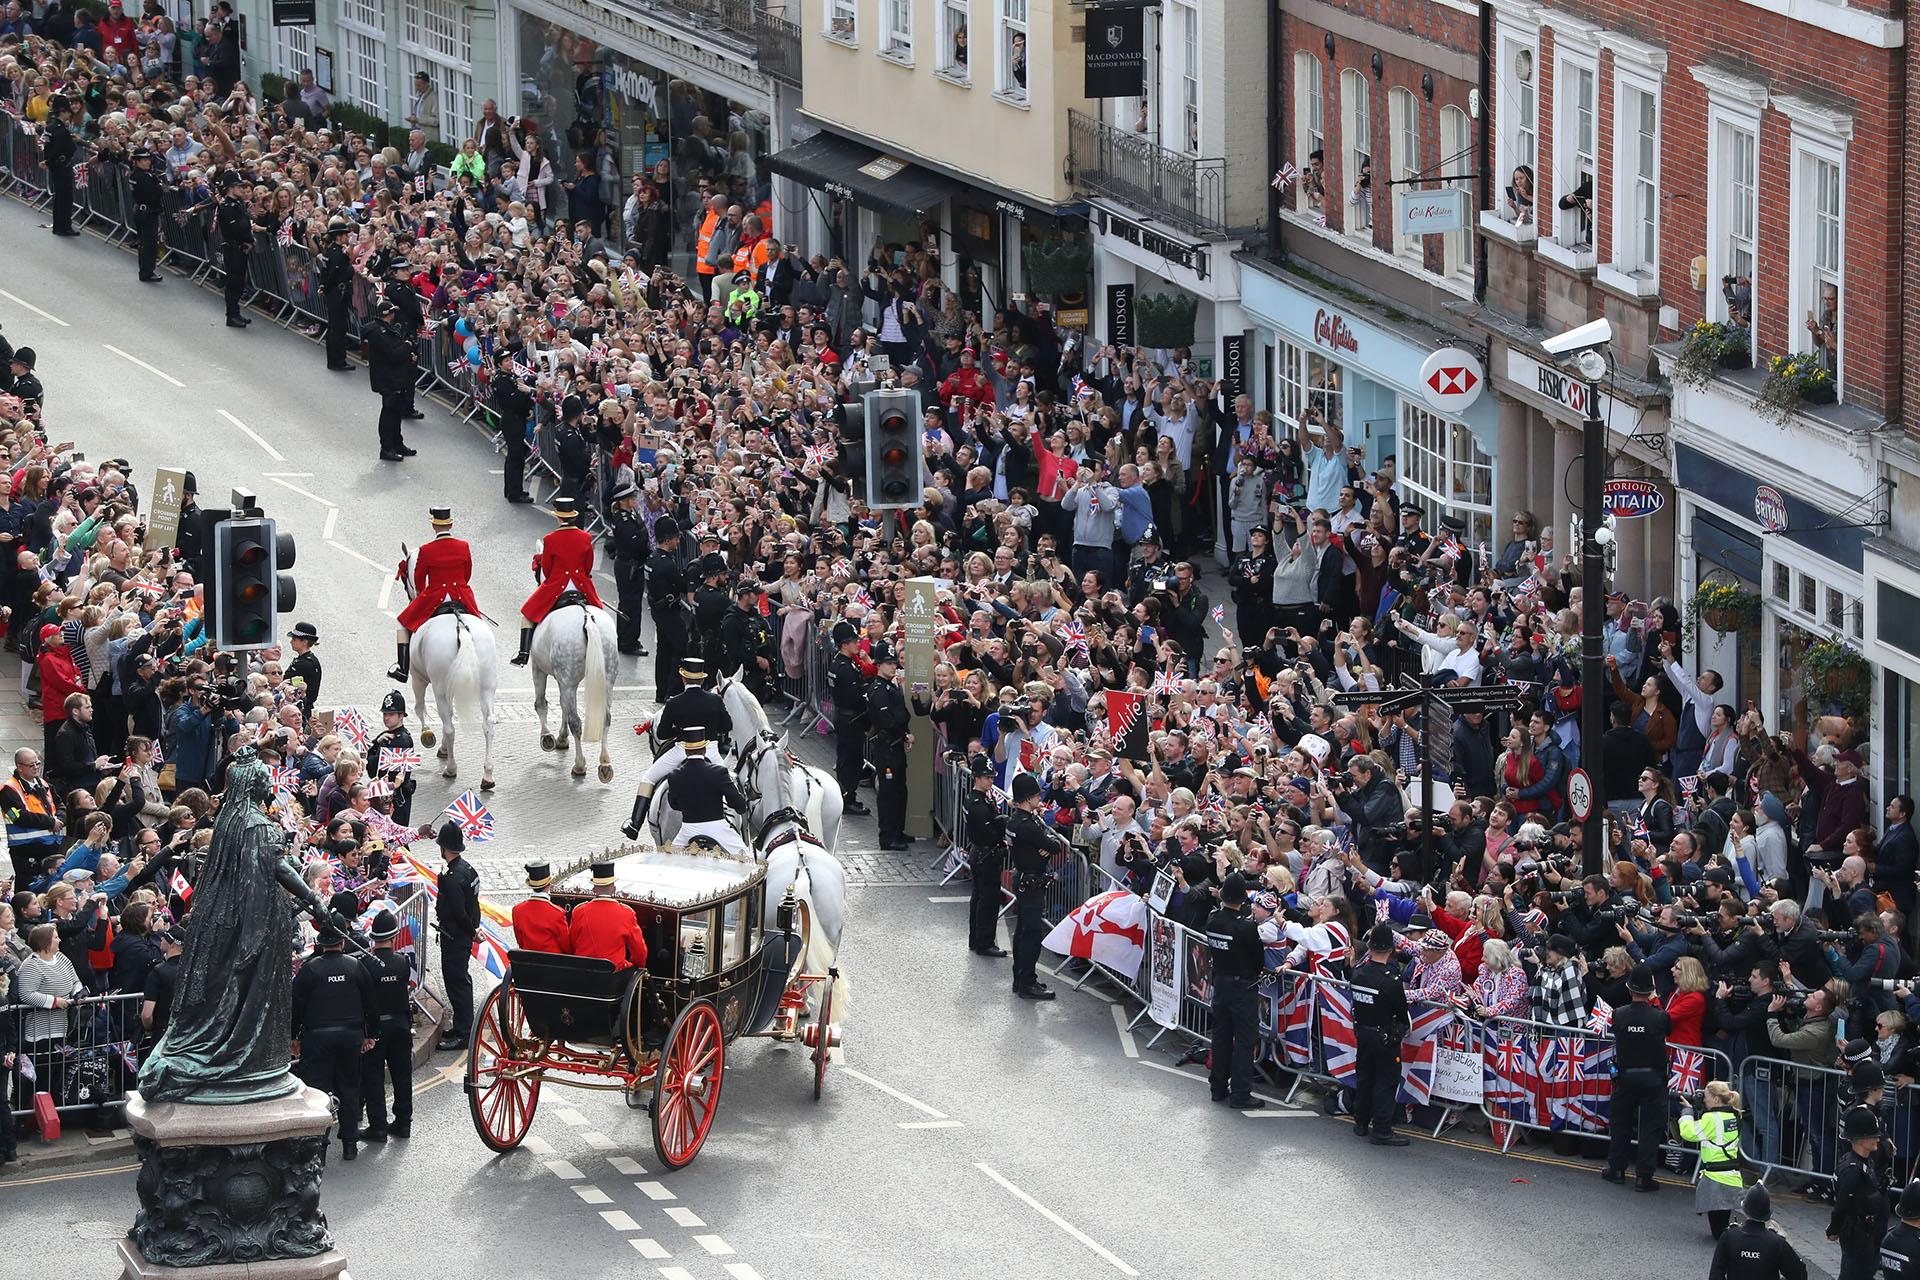 Recorrieron aproximadamente 2 kilómetros en carruaje hasta el Castillo de Windsor